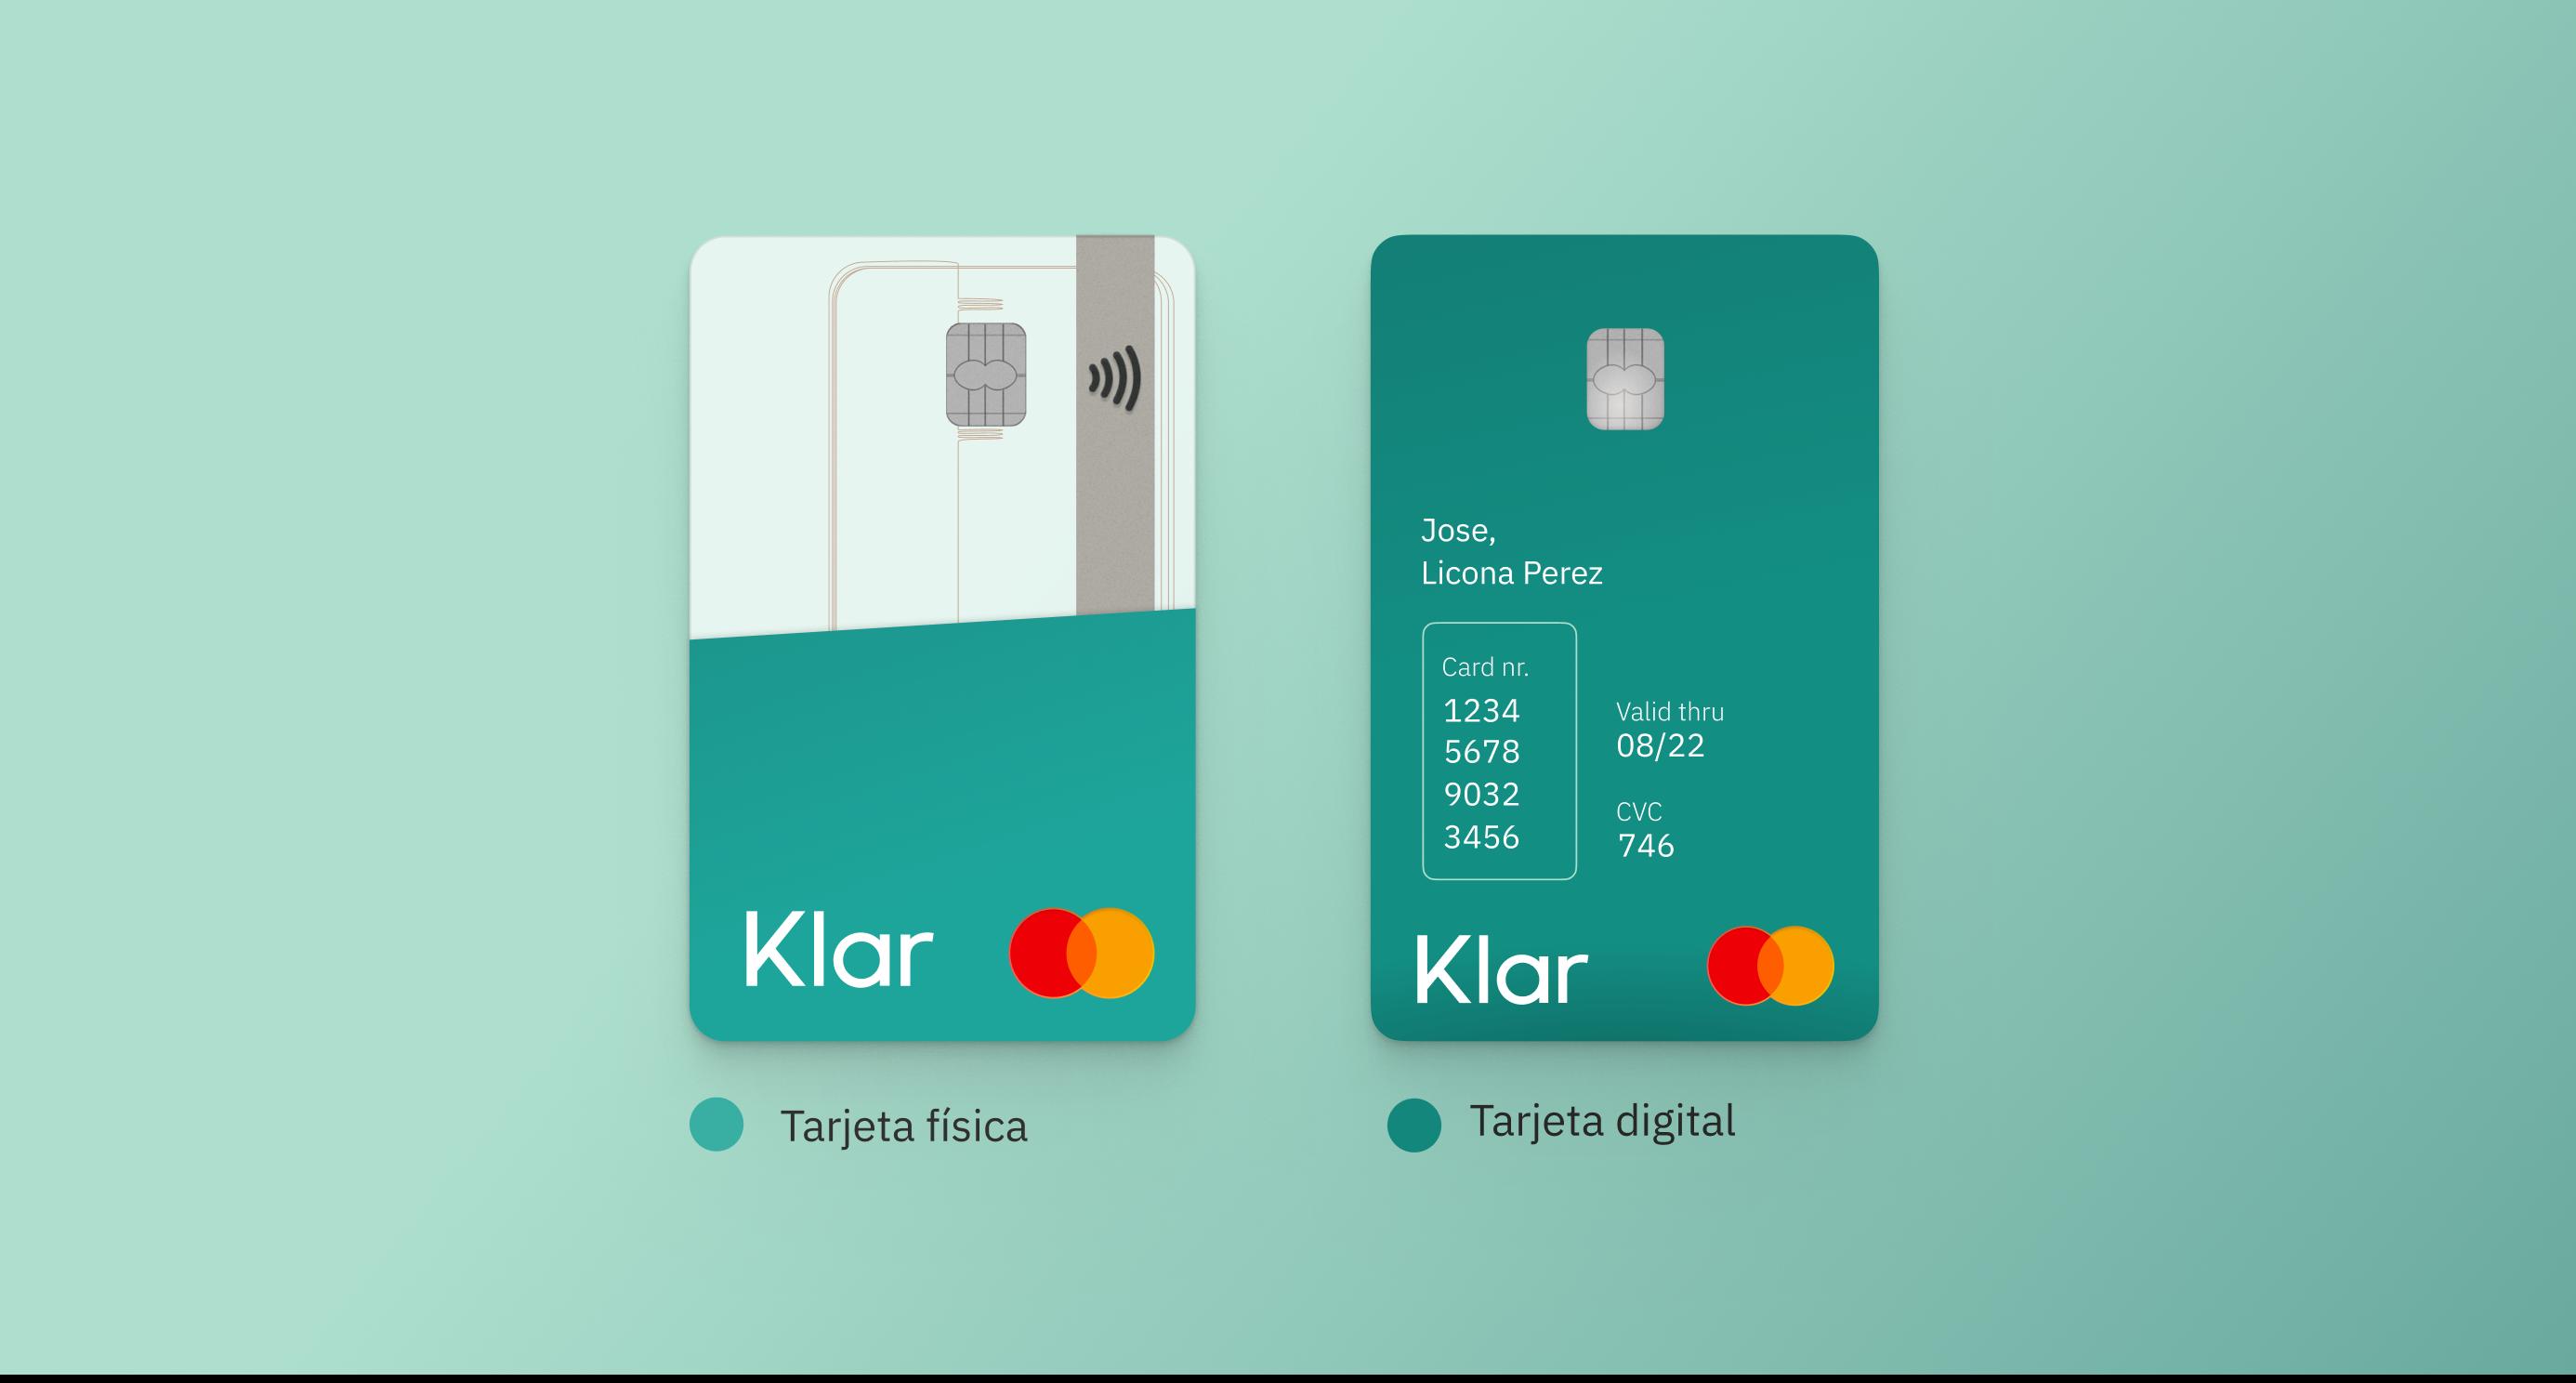 La tarjeta digital tiene dos características clave: práctica y segura para compras en línea.